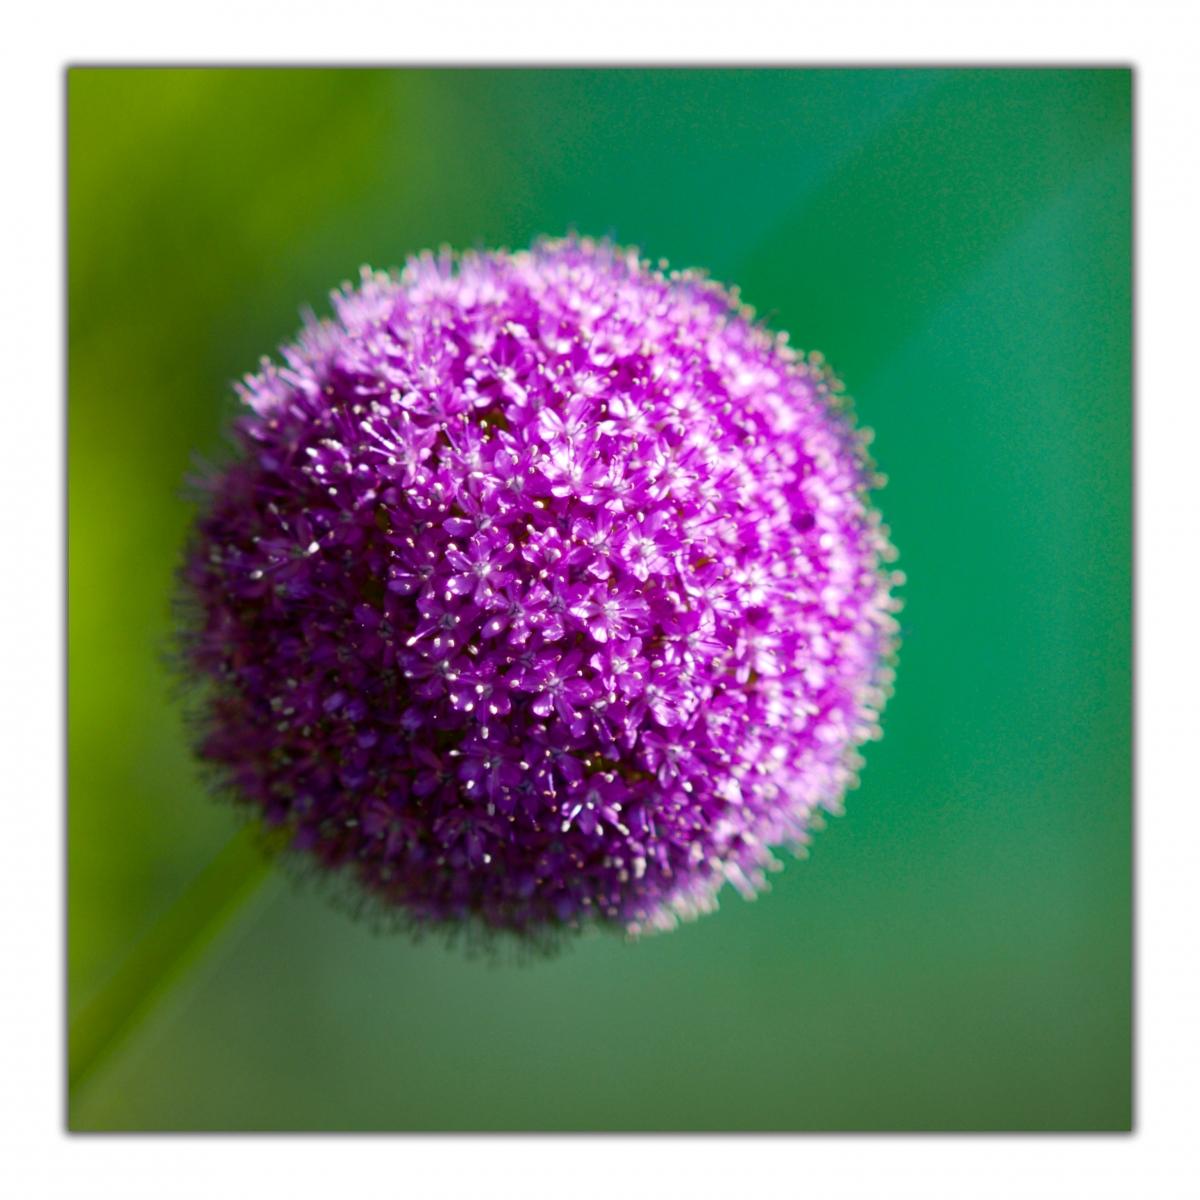 240520 villa veronica fiore